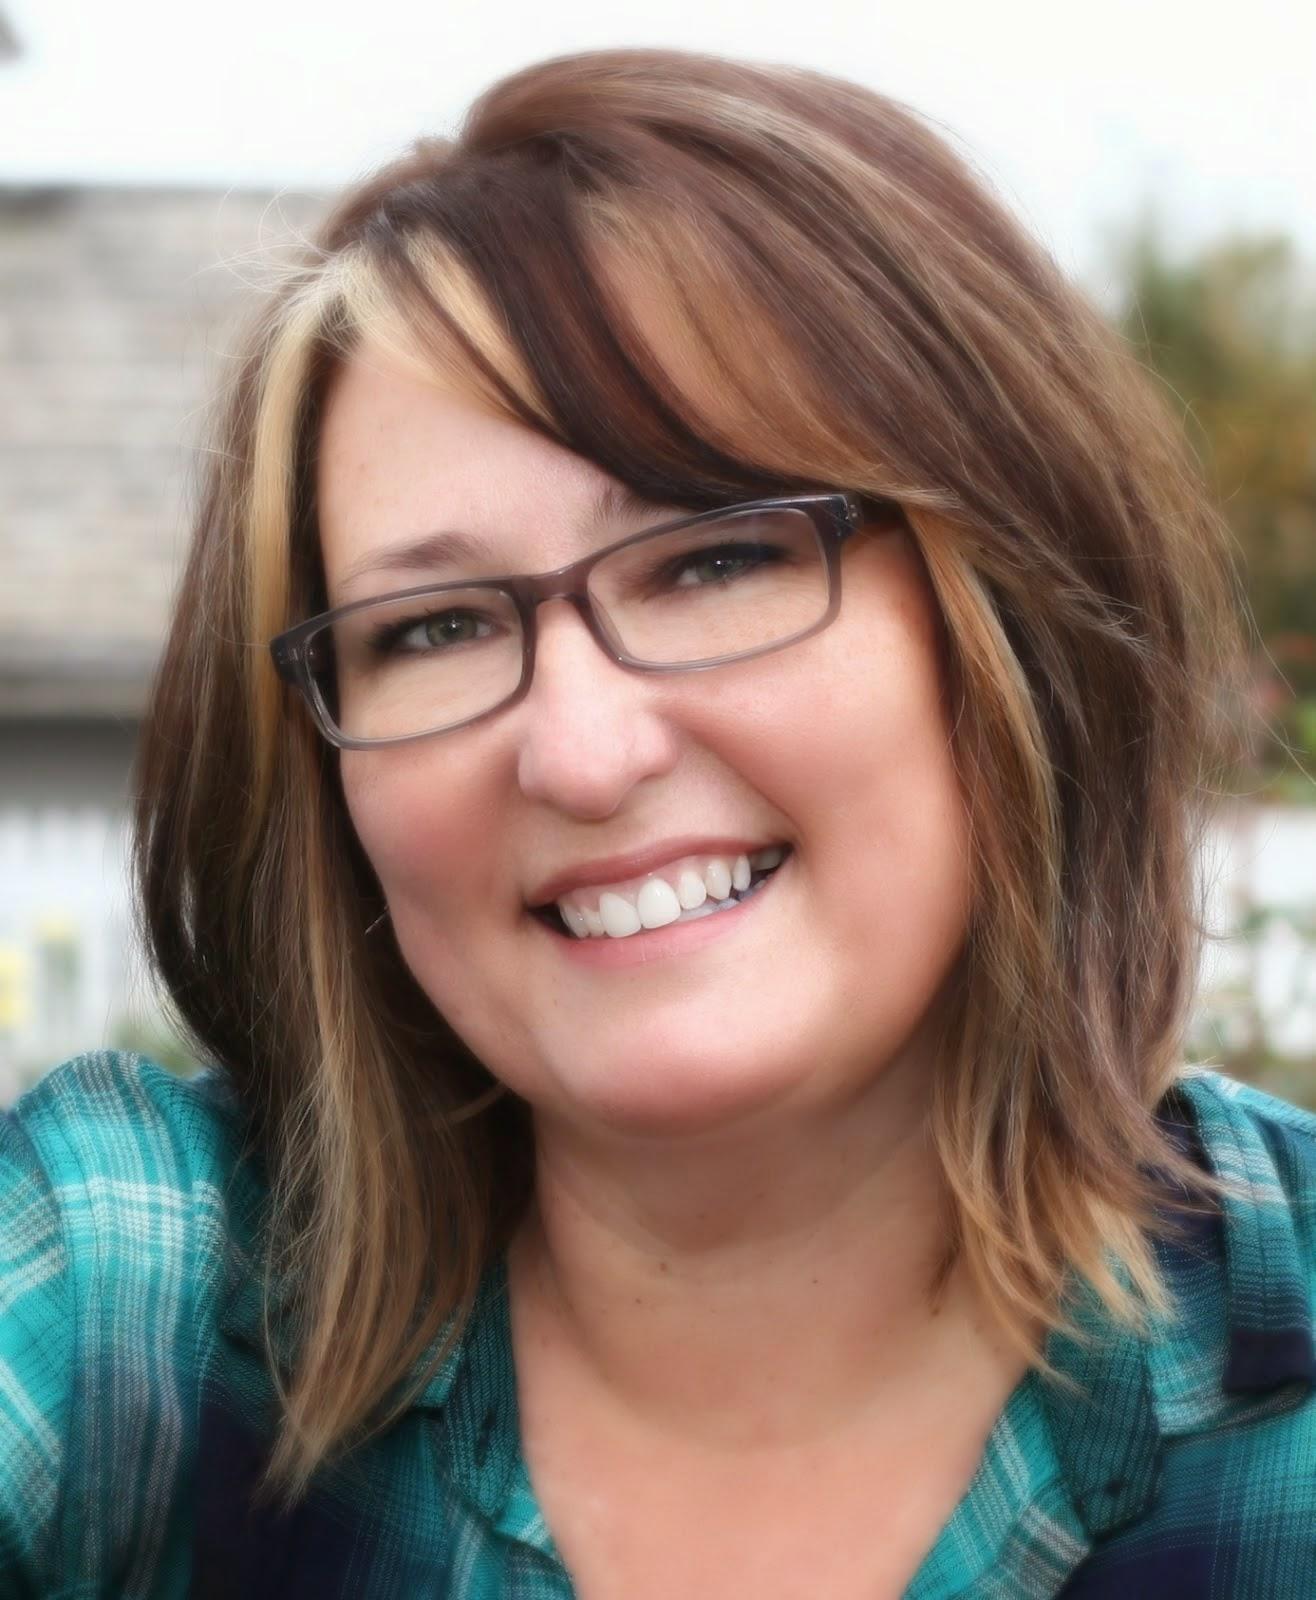 Jenna Benton